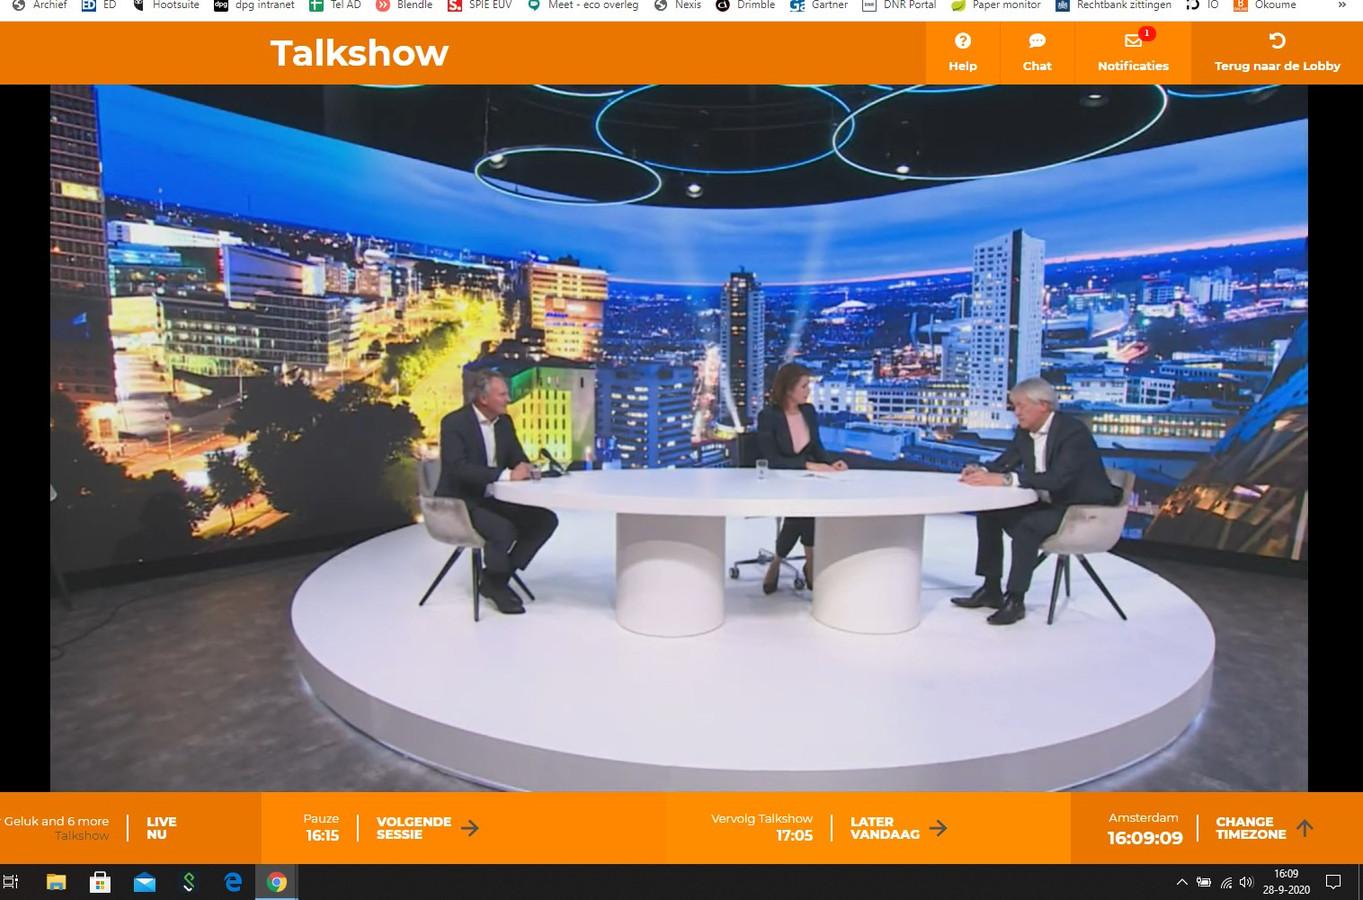 Robert-Jan Smits (l) van TU/e, presentator Mariëlle Tweebeeke en topman Peter Wennink van ASML tijdens Dutch Transformation Forum 2020 in een decor met de Eindhovense skyline.